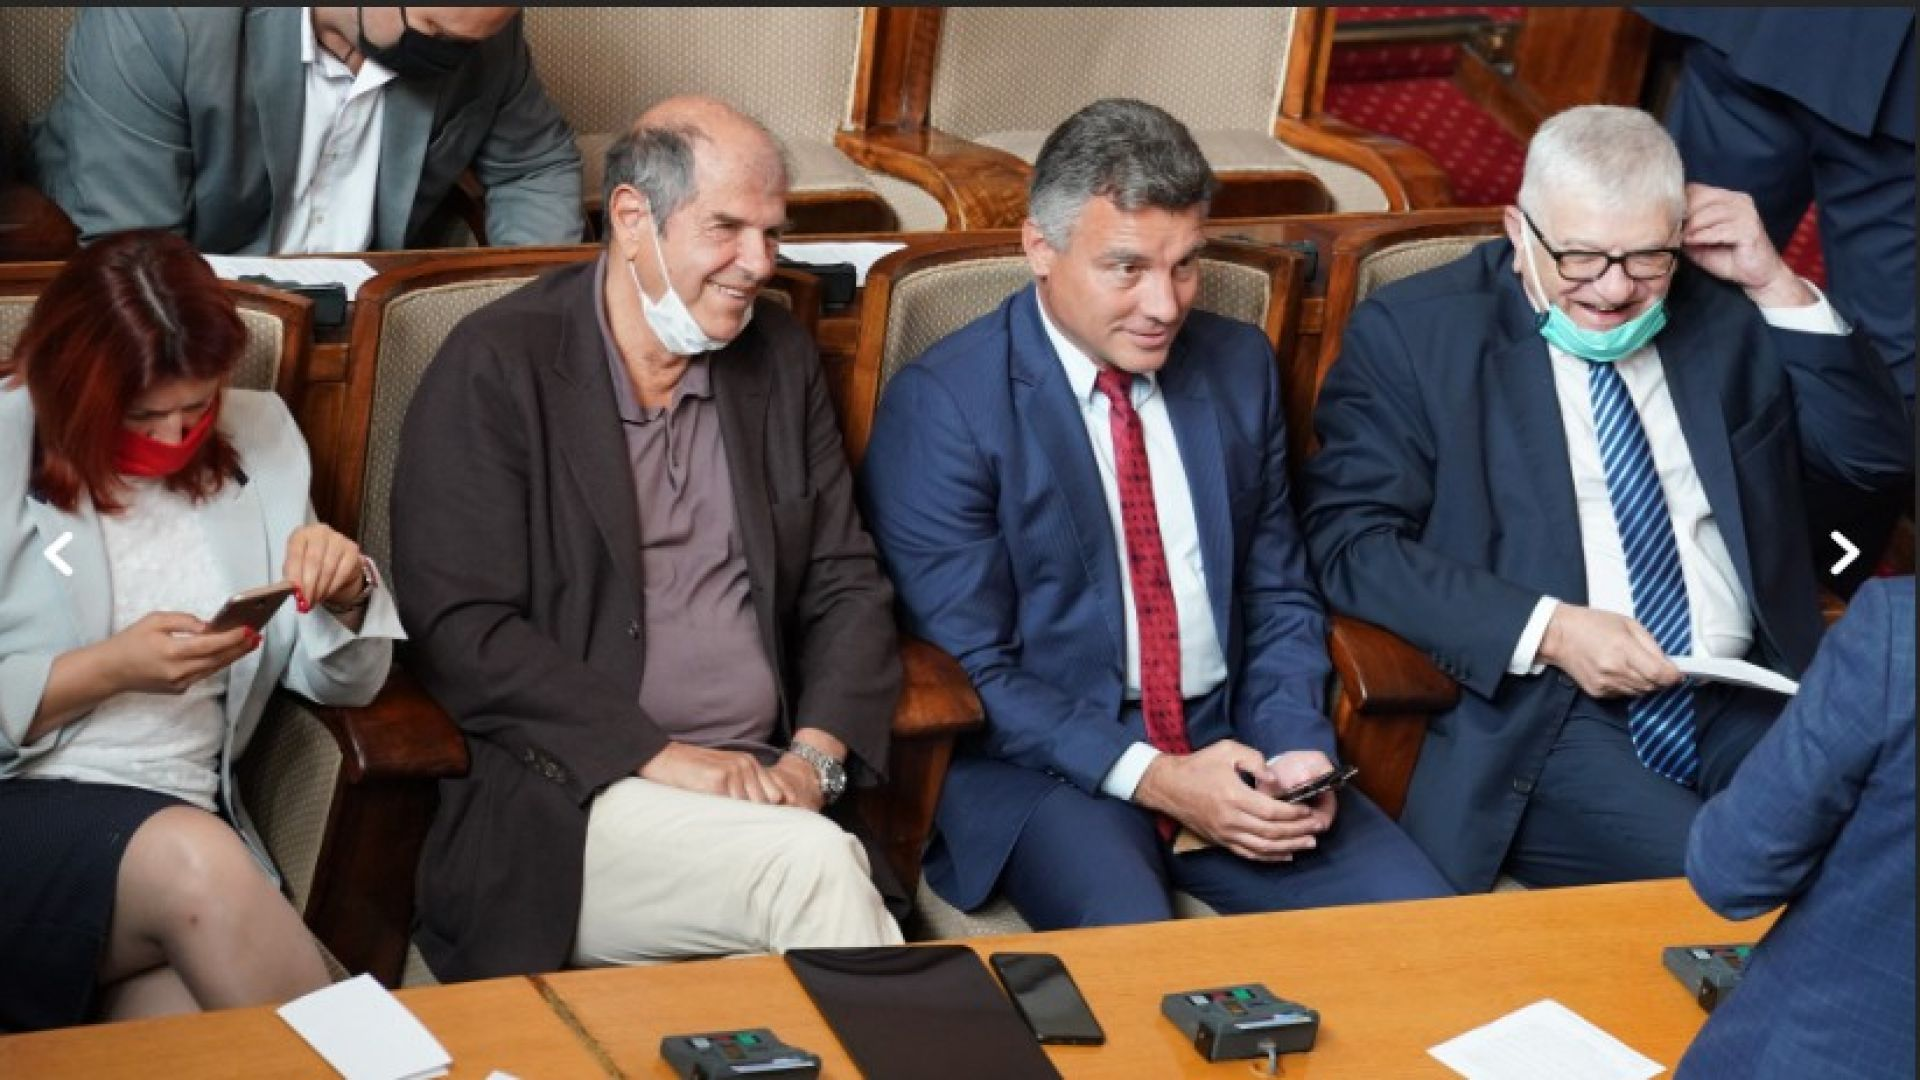 РЗИ сезира парламента, иска запис на депутатите без маски (снимки)